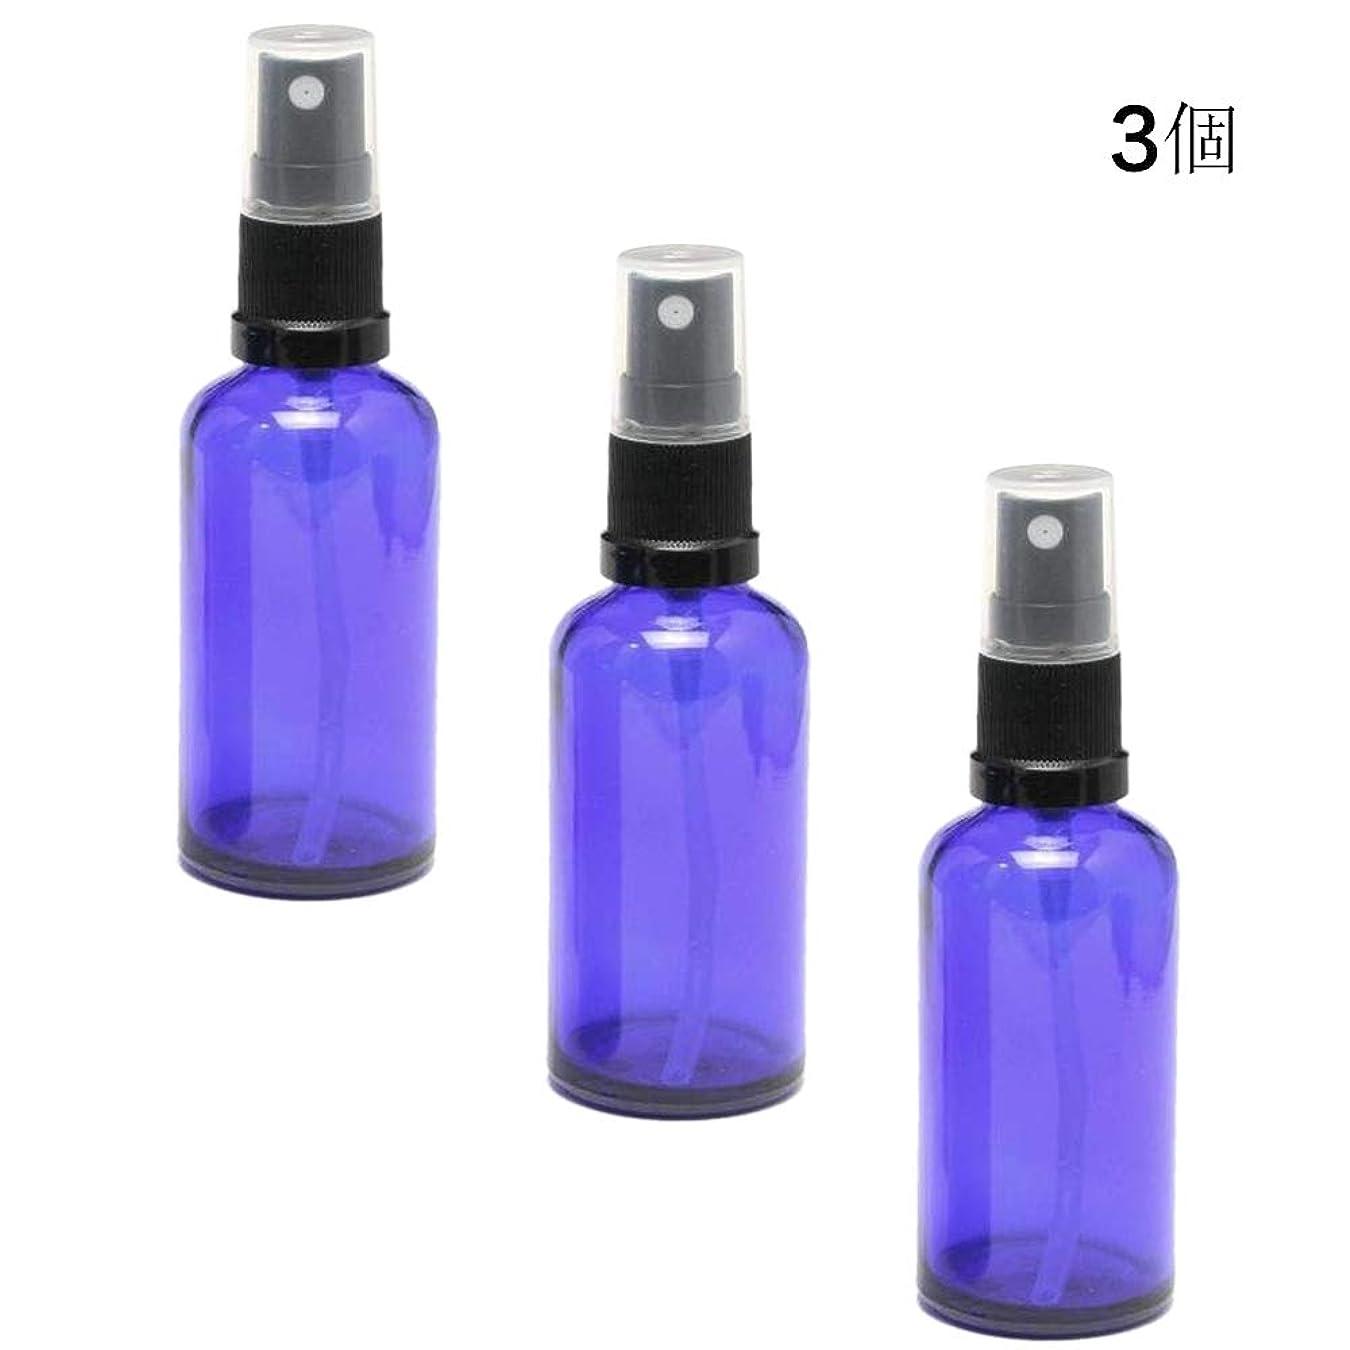 接辞気性手段遮光瓶/スプレーボトル (アトマイザー) 50ml ブルー/ブラックヘッド 3本セット